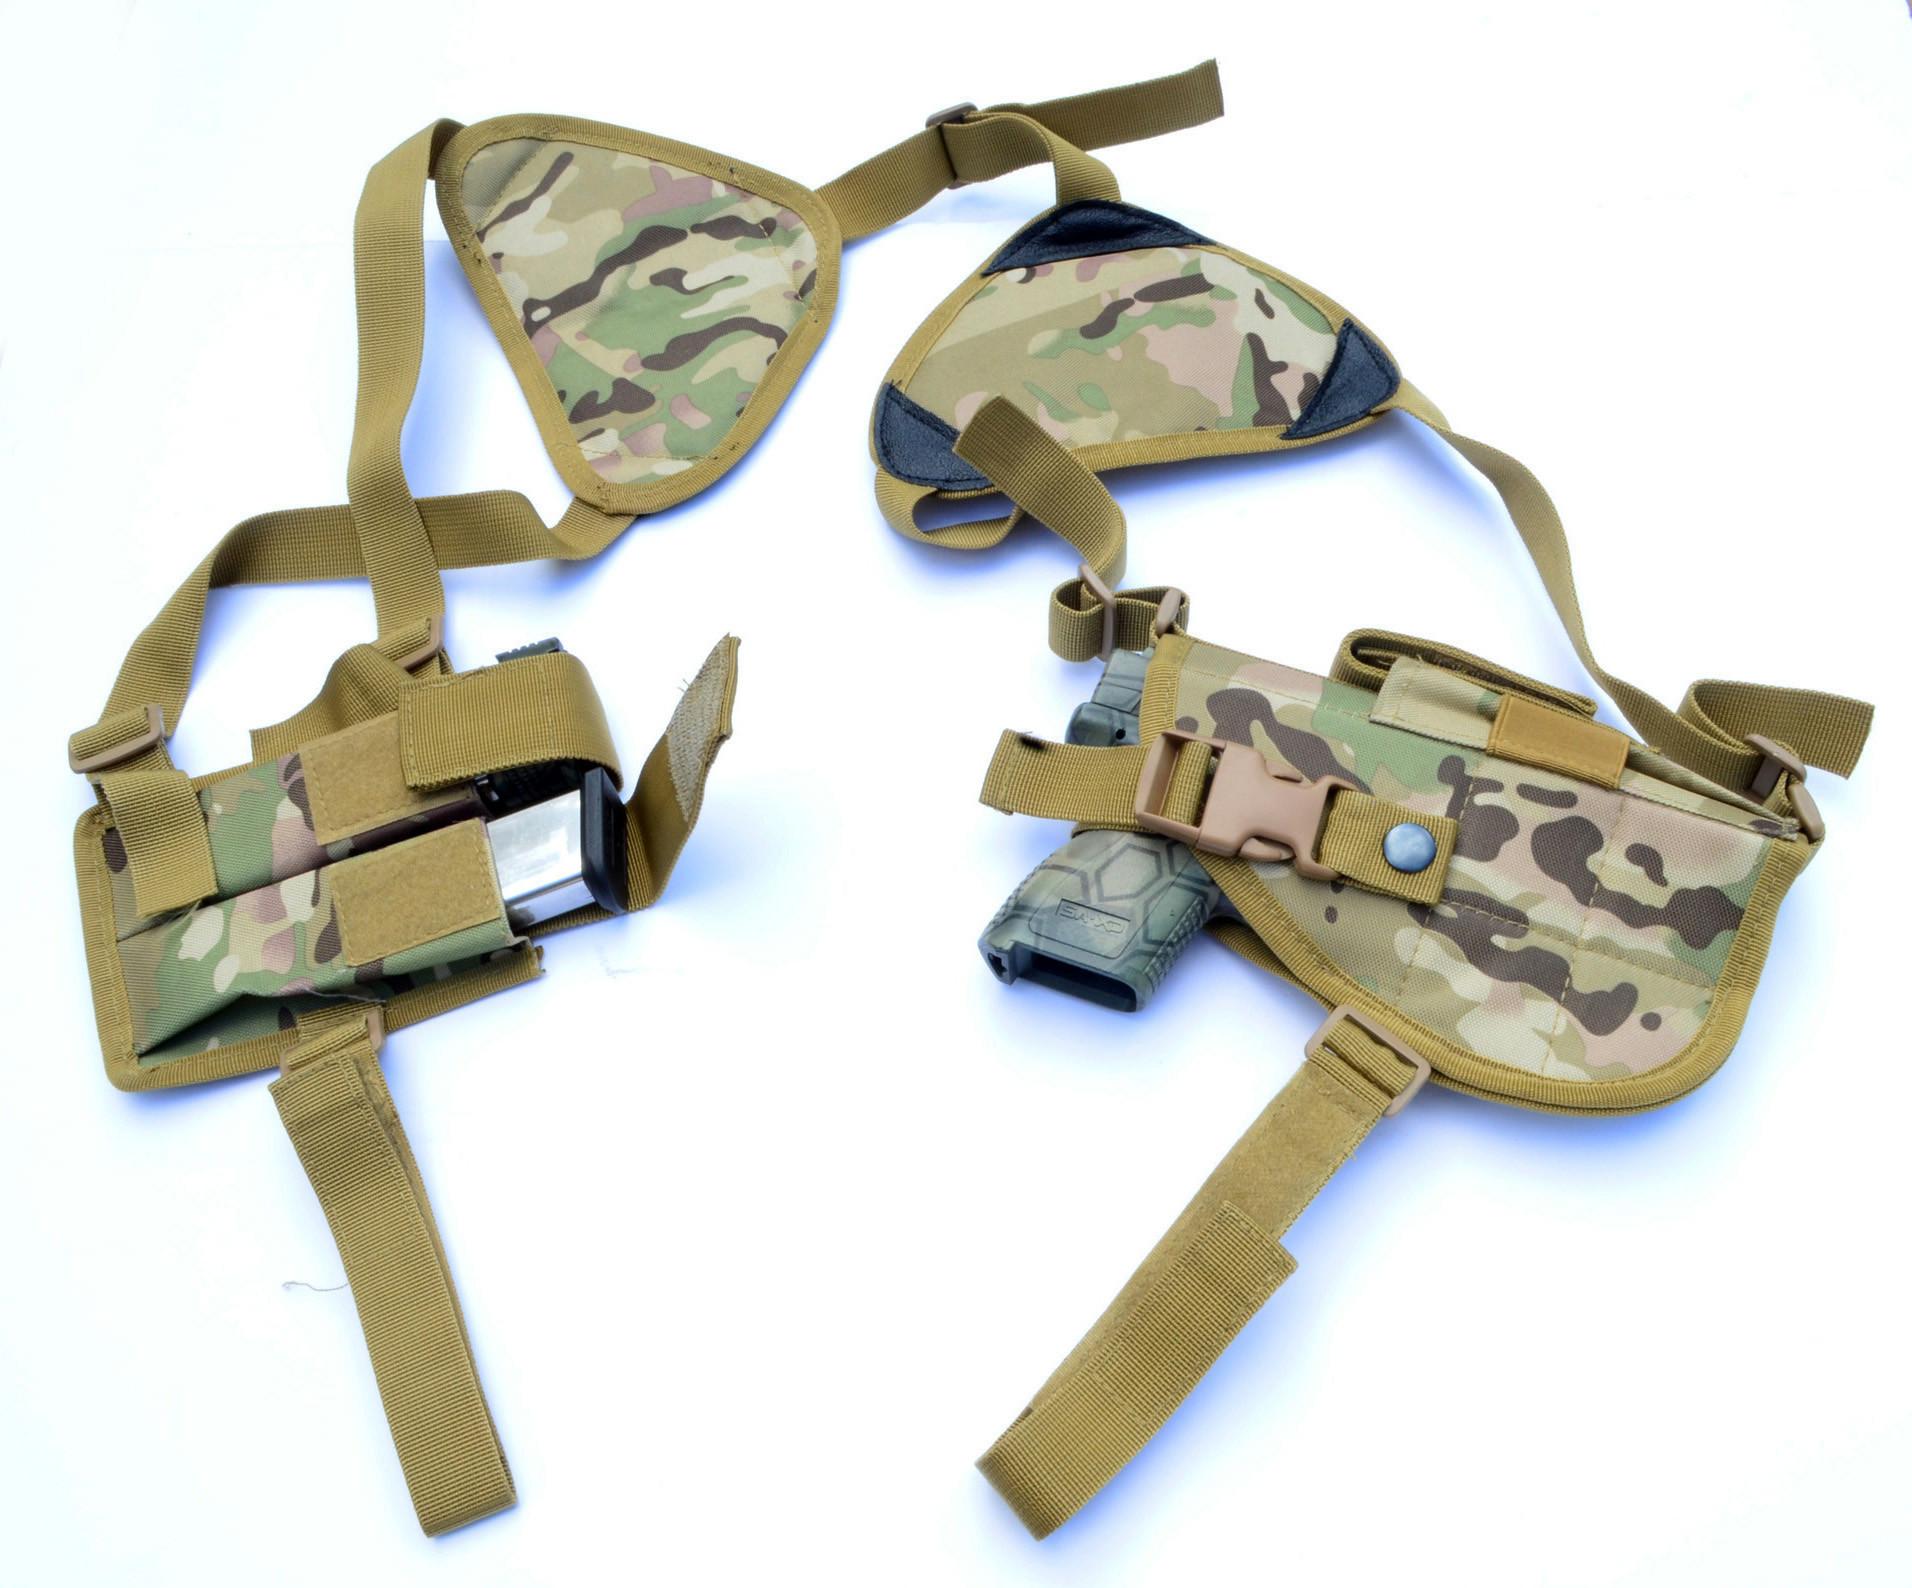 06c4ee106b0e Concealed Carry Gun Holster Walther Ruger XD Glock Pistol Shoulder Holster  MULTICAM